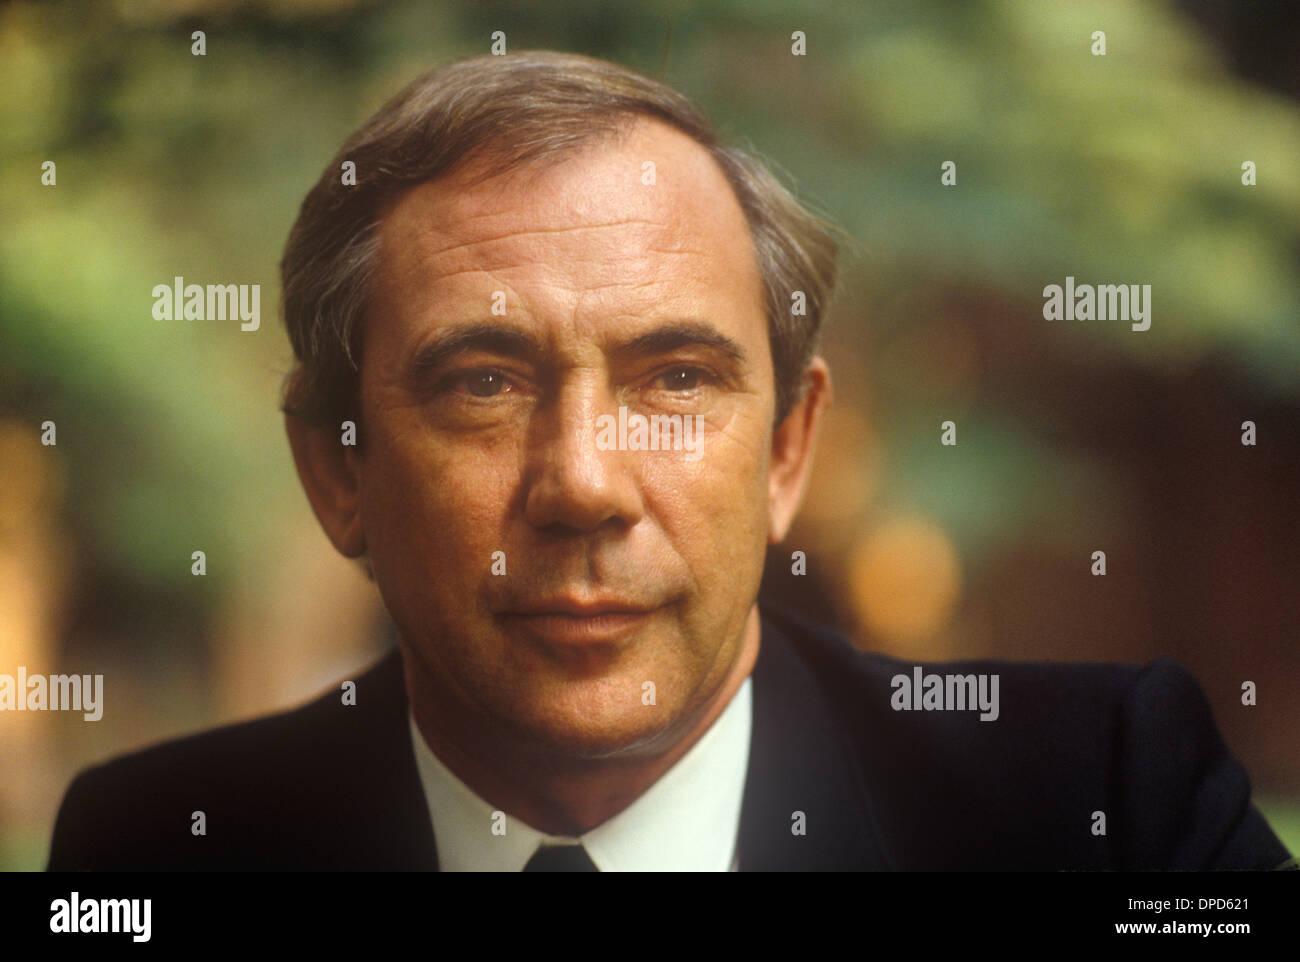 Patrick Walker astrologo degli anni ottanta anni ottanta HOMER SYKES Immagini Stock